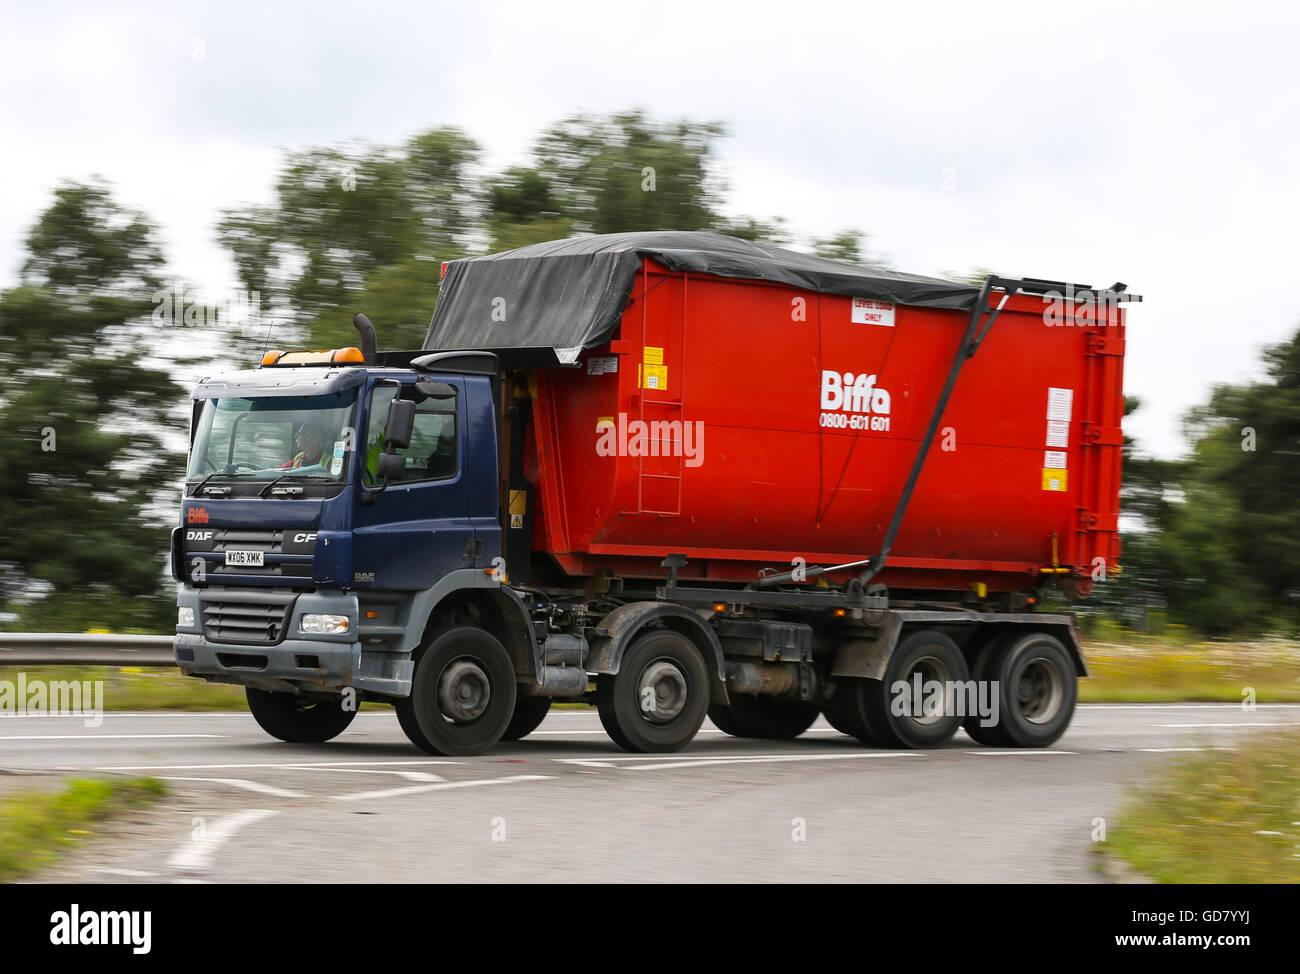 Biffa waste lorry - Stock Image